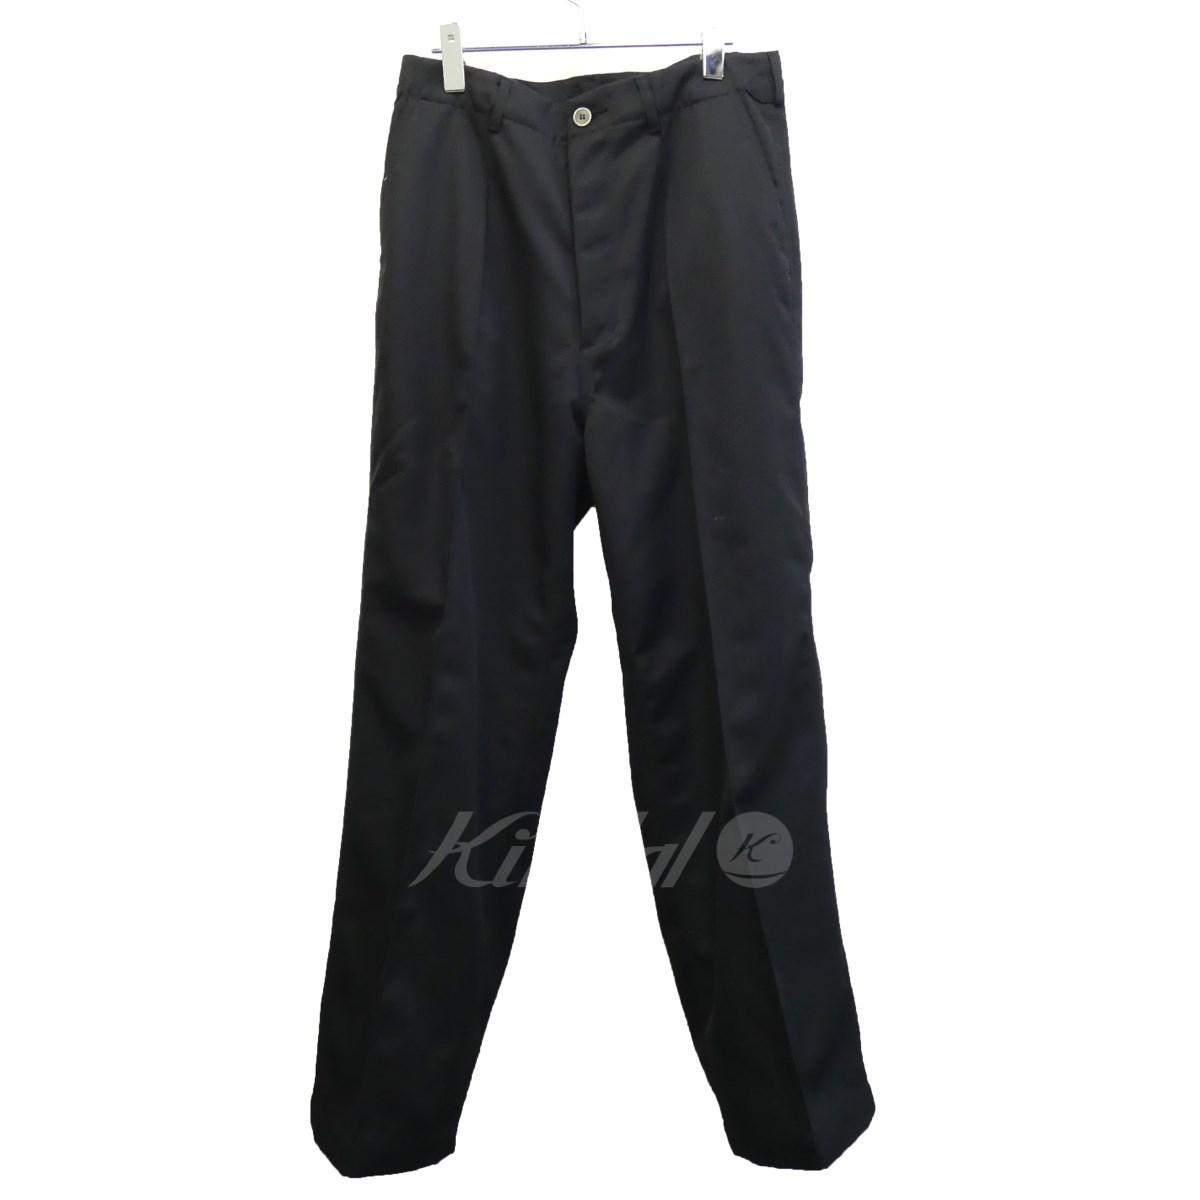 【中古】AURALEE 17AW「WOOL KERSEY WIDE PANTS」ウールカルゼワイドパンツ ブラック サイズ:5 【送料無料】 【050918】(オーラリー)